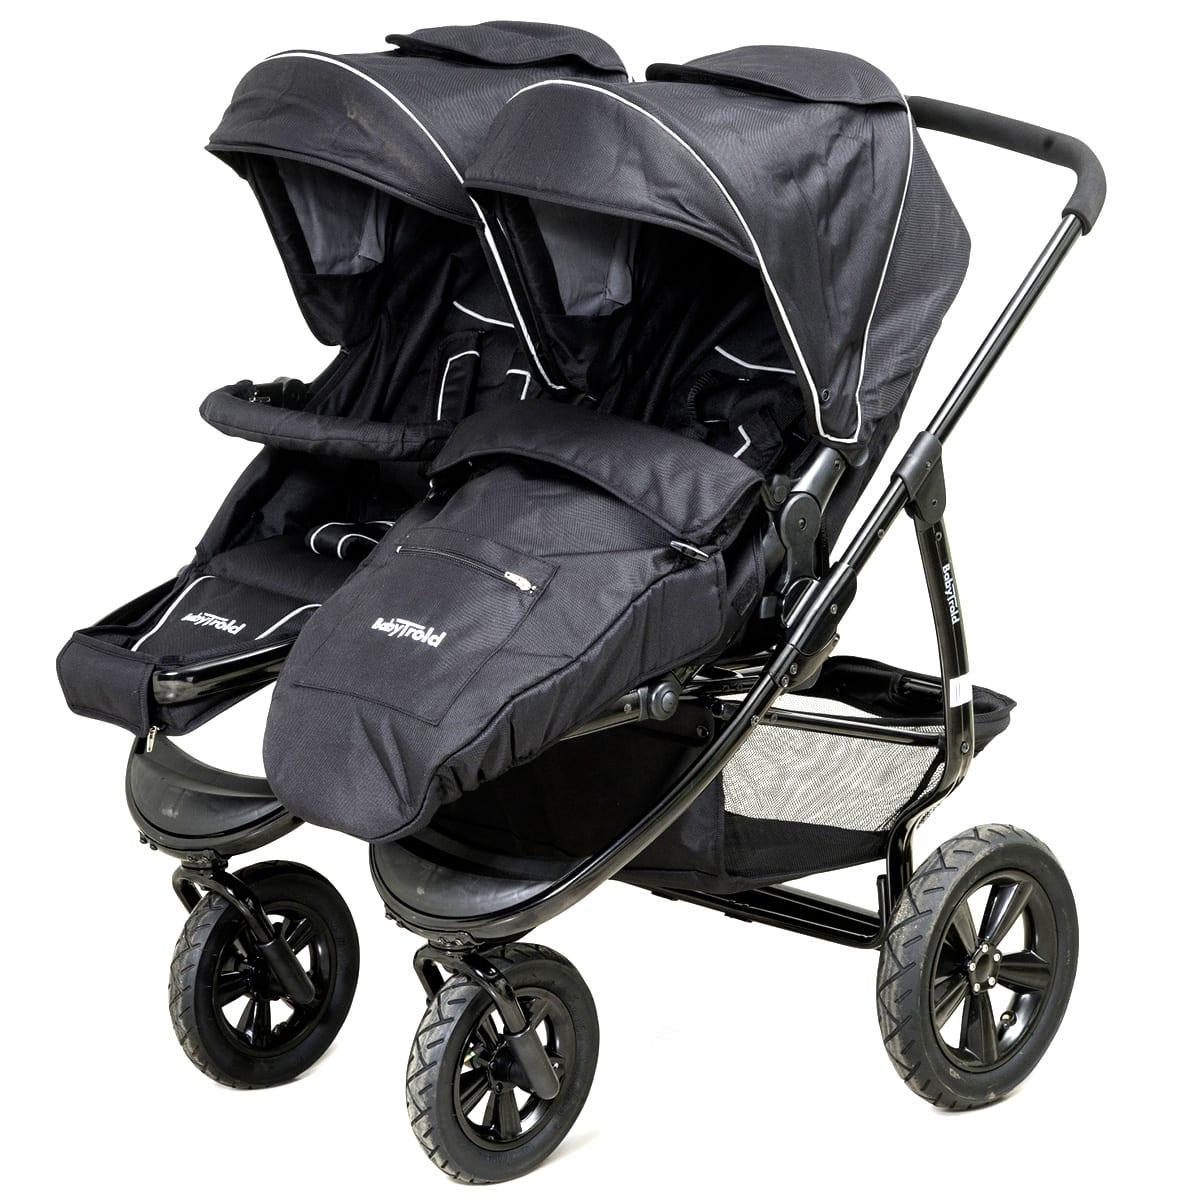 Letvægts-stålstel - Vendbar - Tilkøb barnevognslift - Inkl. køreposer